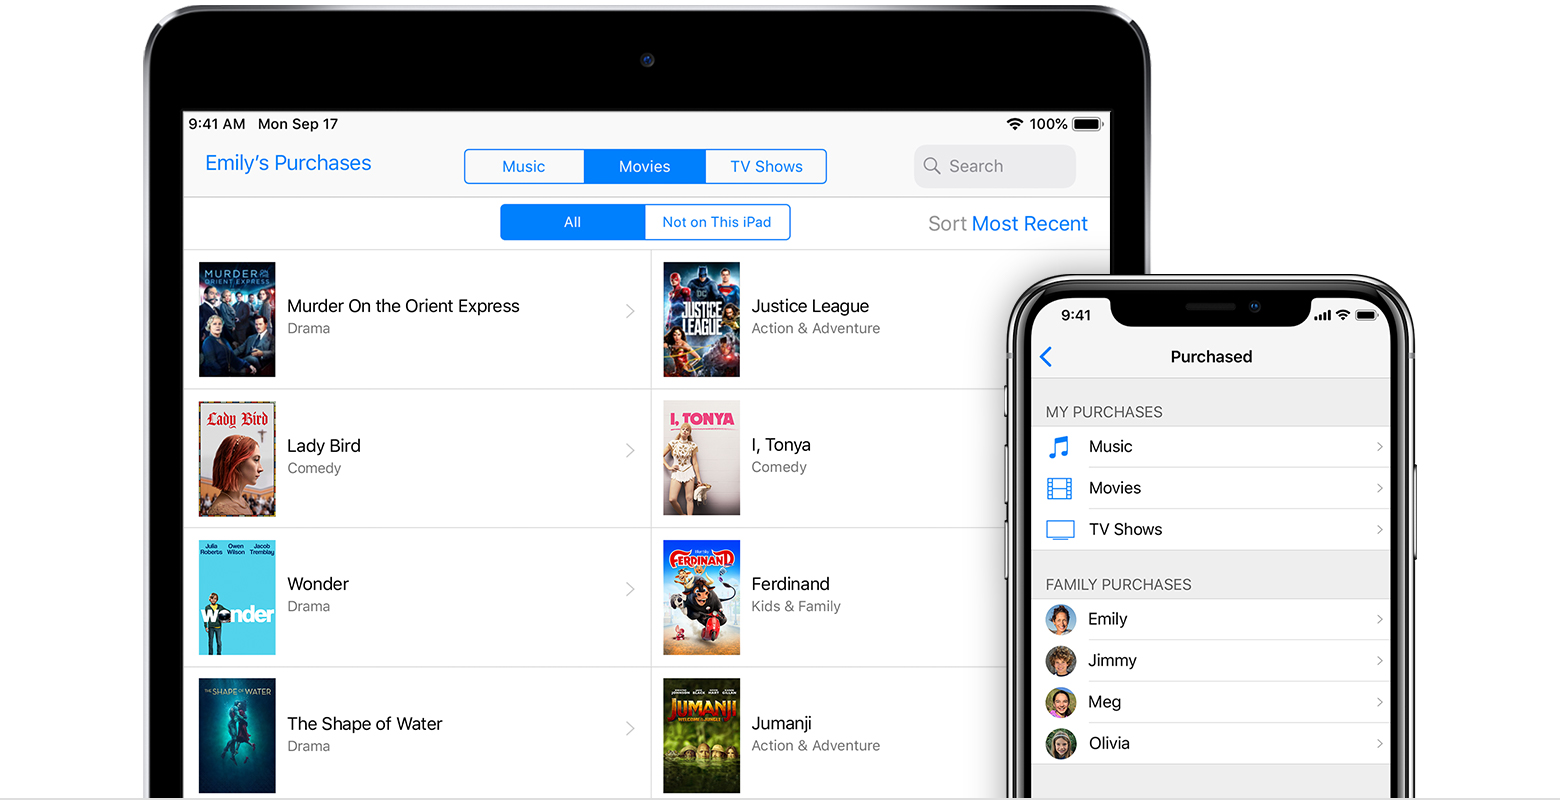 ¡Adiós iTunes! Apple elimina definitivamente la plataforma, ¿y ahora?